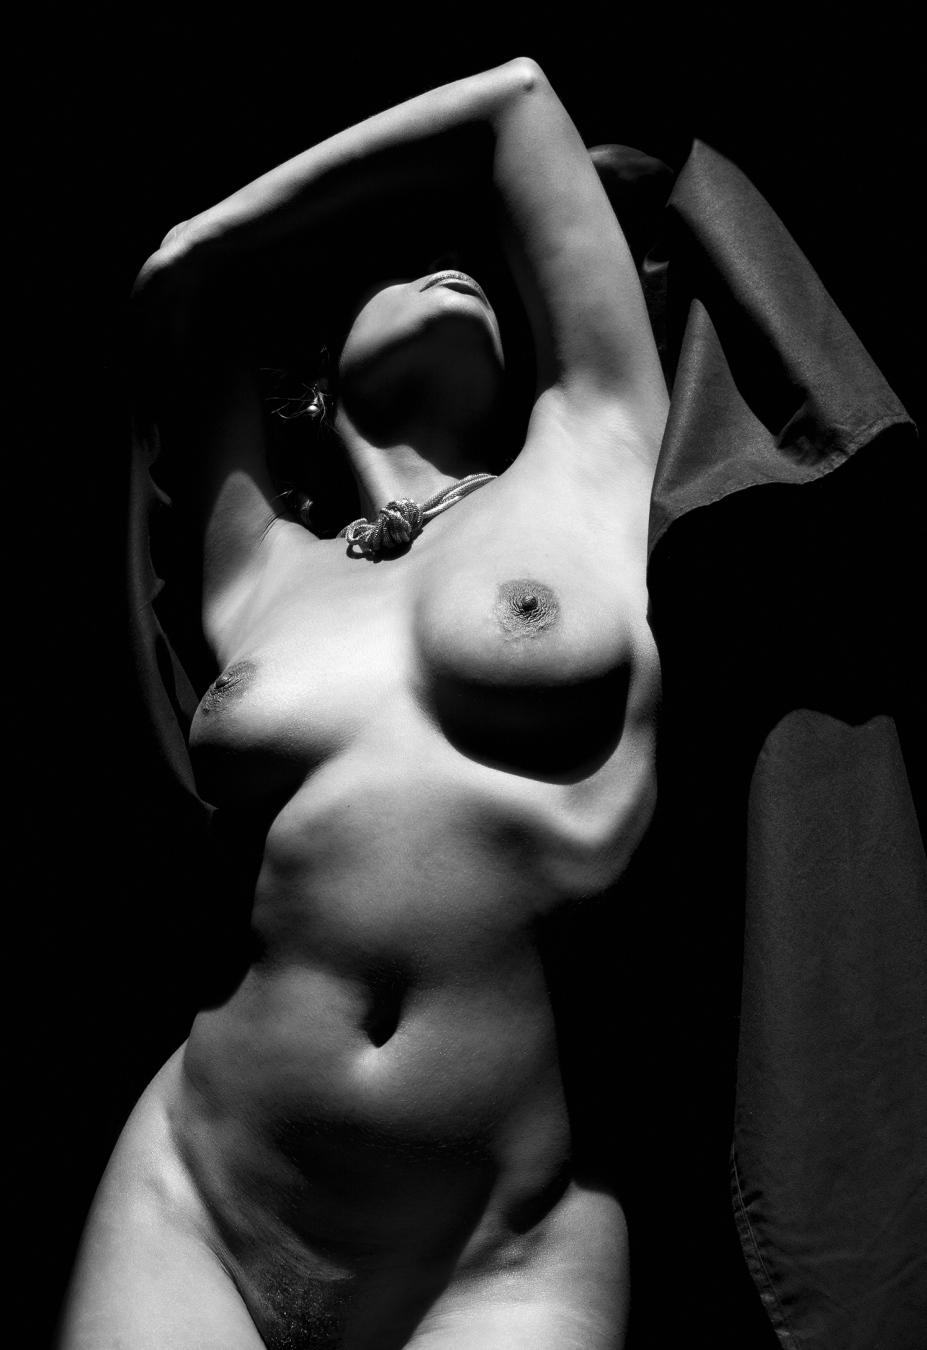 St Merrique - Acceso gratuito - Desnudo, semidesnudo y boudoir. Fotografía por Javier Cuevas